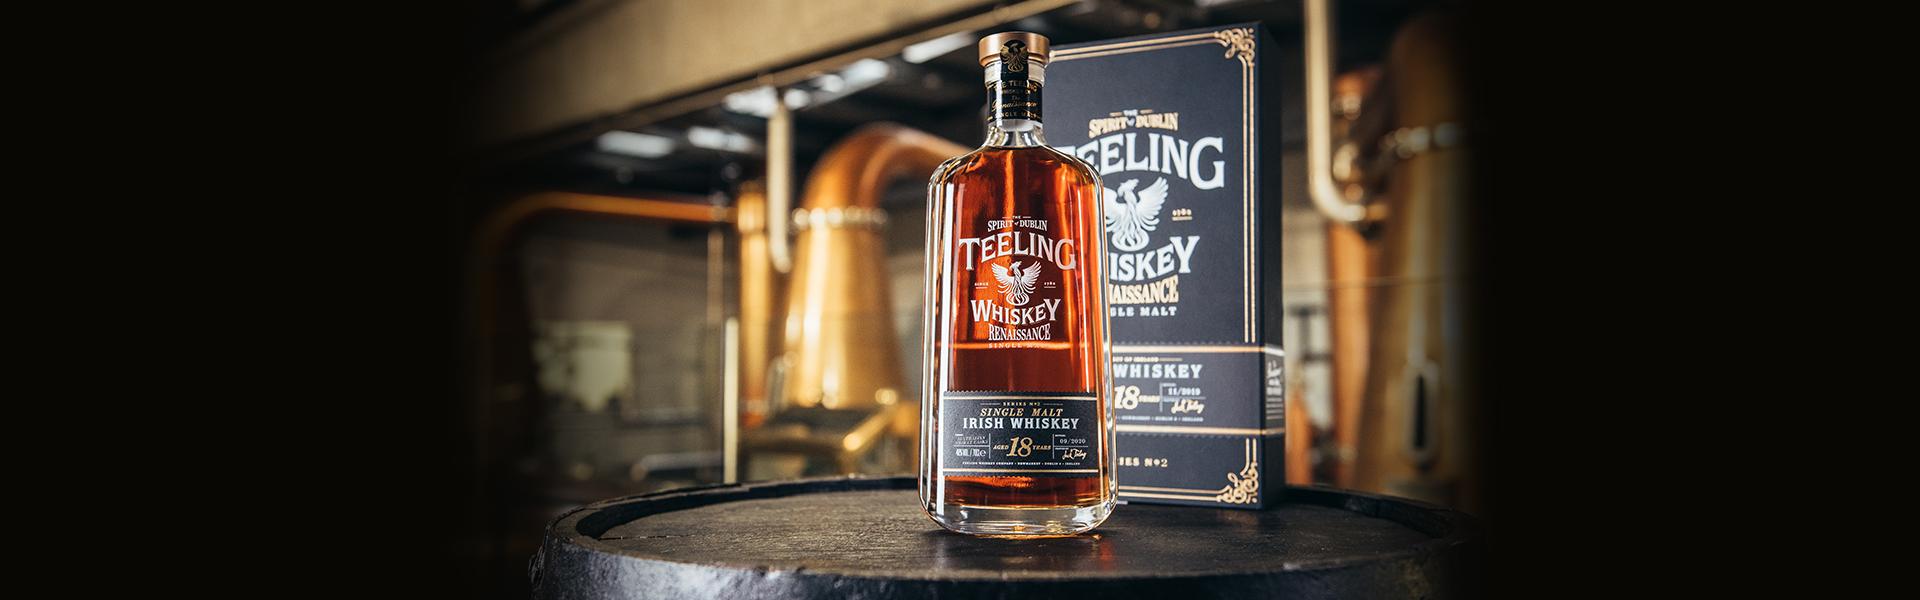 Teeling lanserar whiskeyrenässans i Sverige!